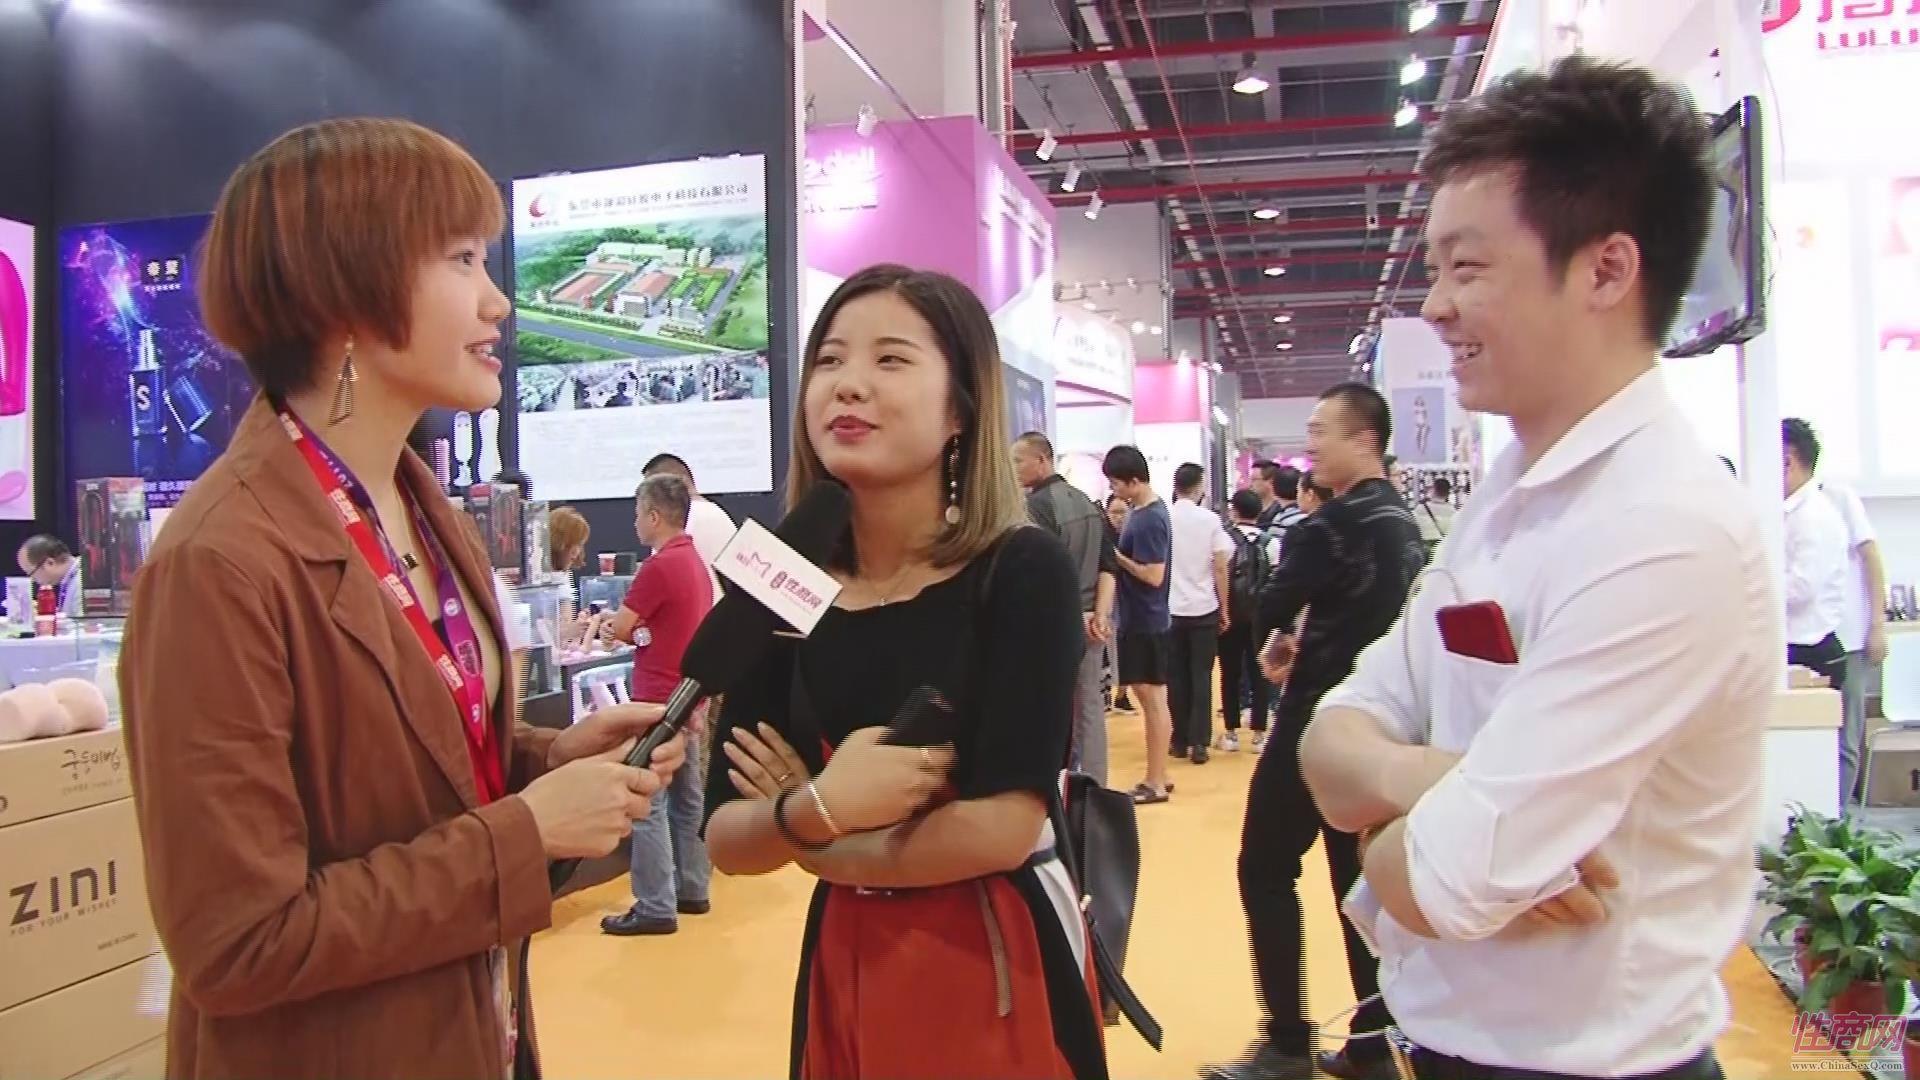 性商网记者采访现场观众